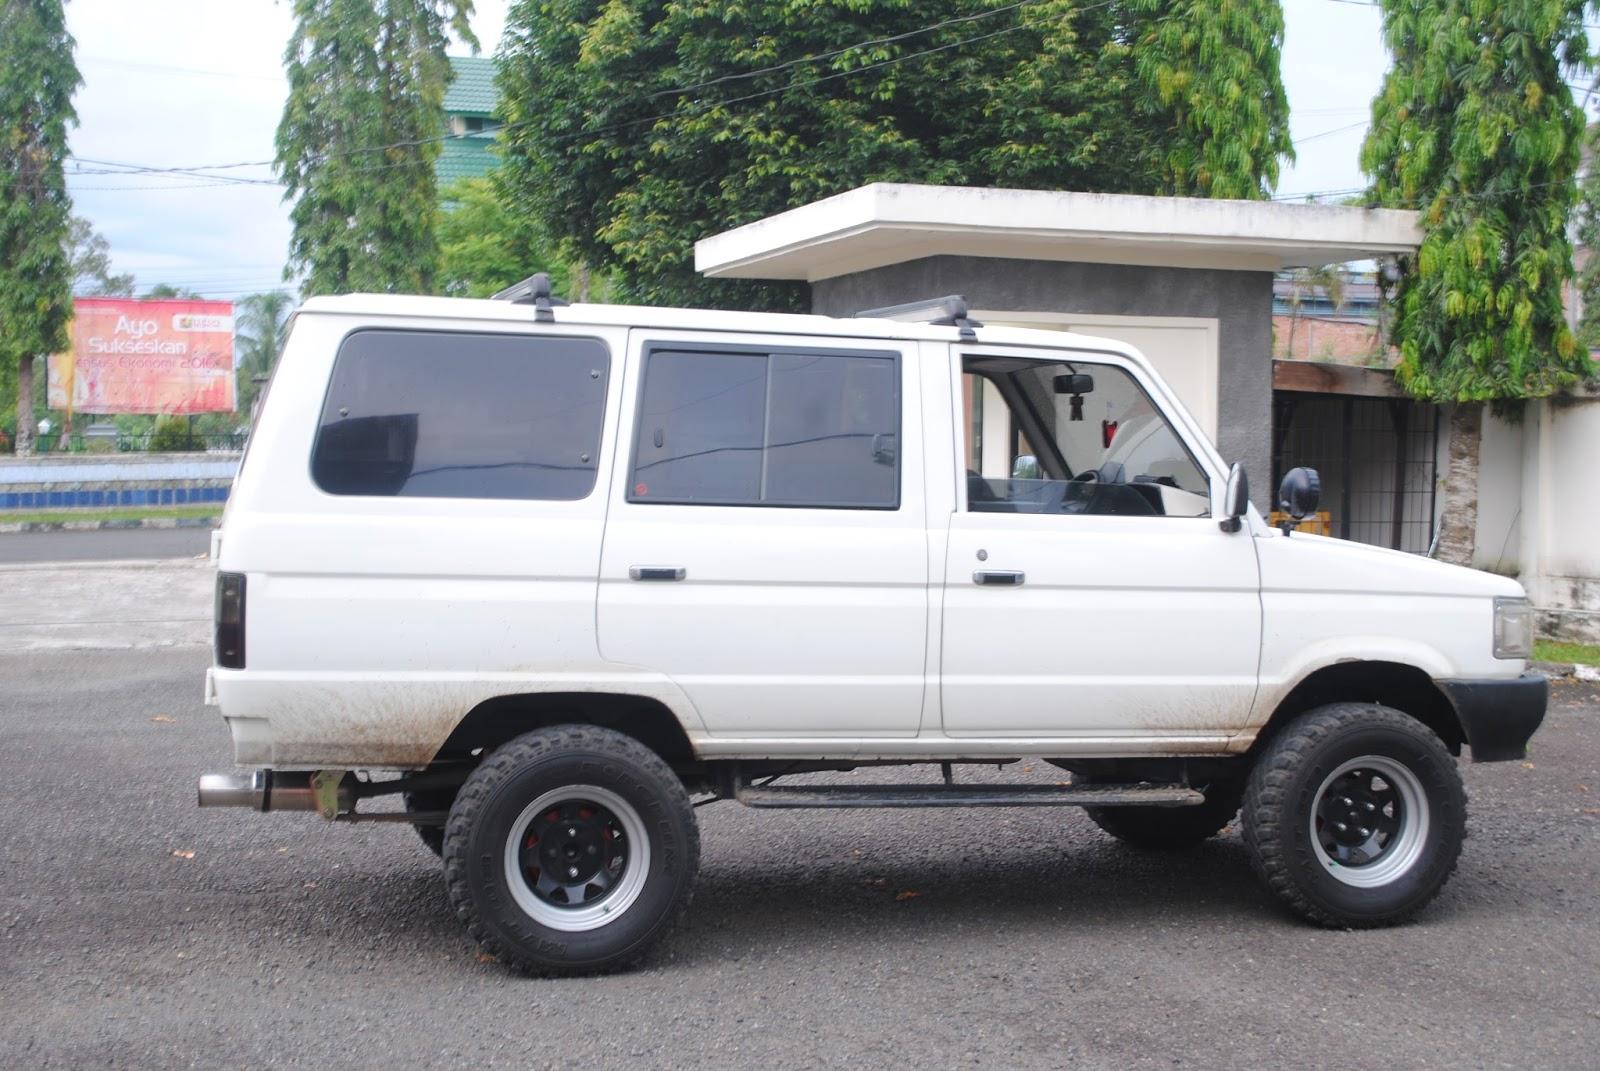 Modifikasi Mobil Kijang Jadi Hummer